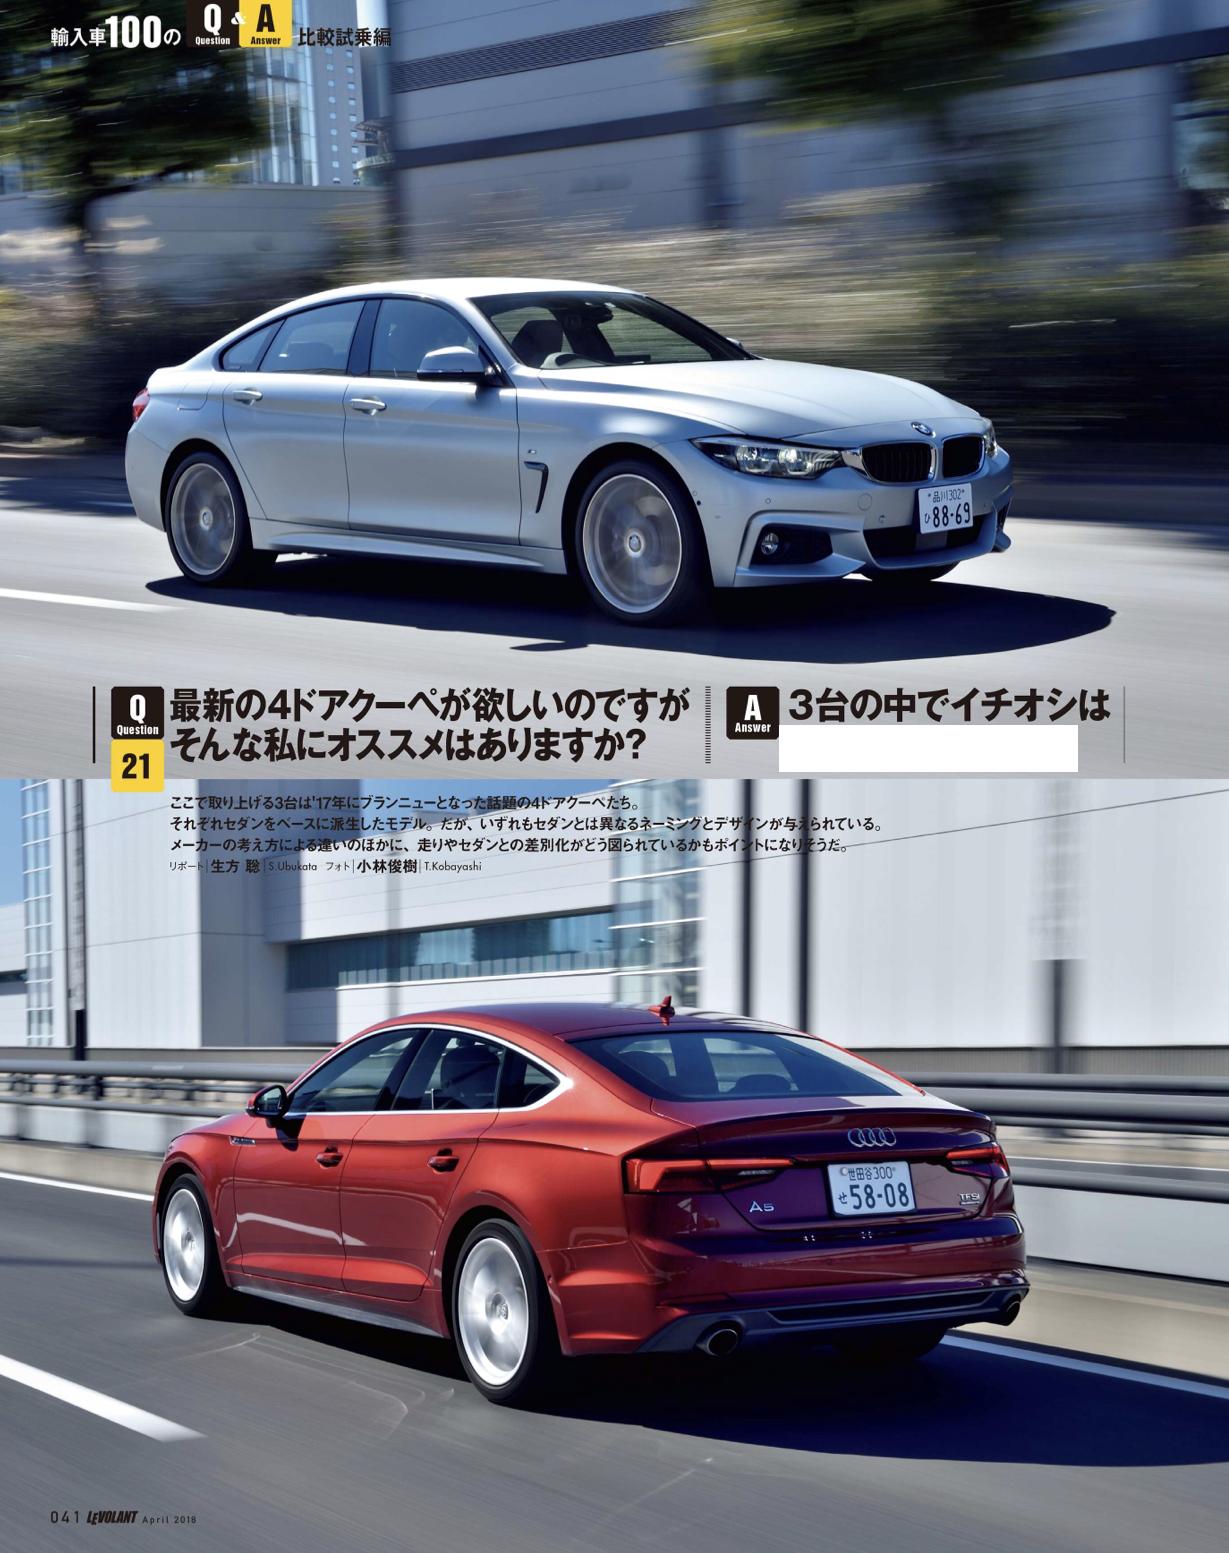 BMW「USBマップ・アップデート」最新地図提供時期はiDriveの種類によって異なります。iDriveの種類について整理してみました^^